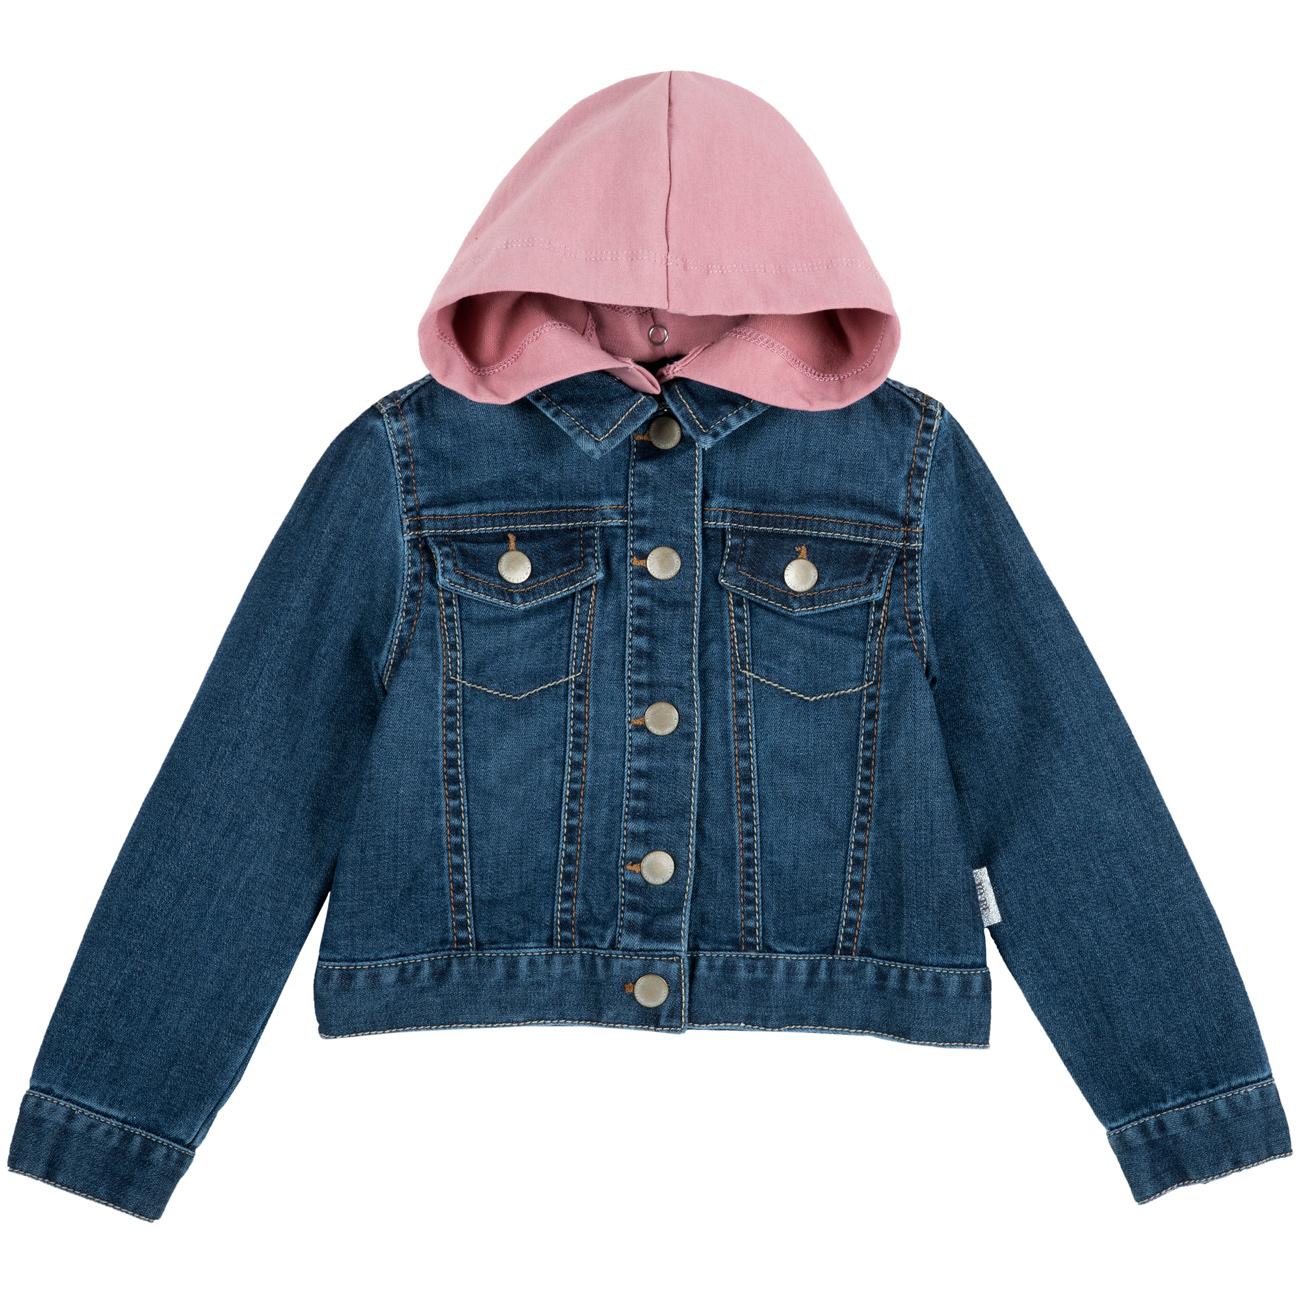 Jacheta copii Chicco albastru 122